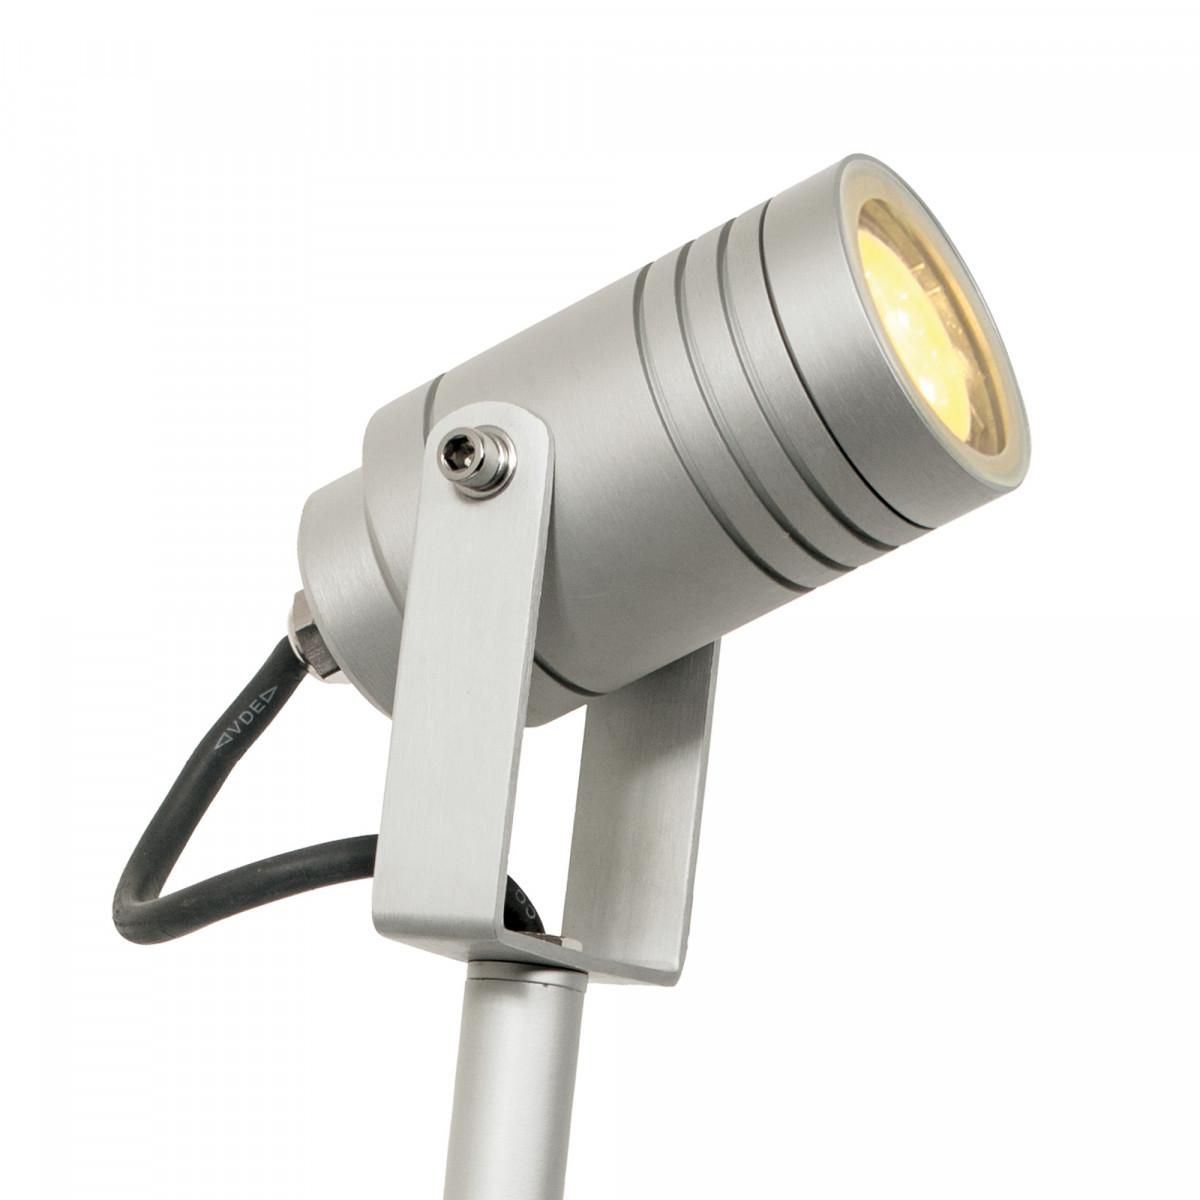 Beamy LED GU10 Wegbeleuchtung 5w